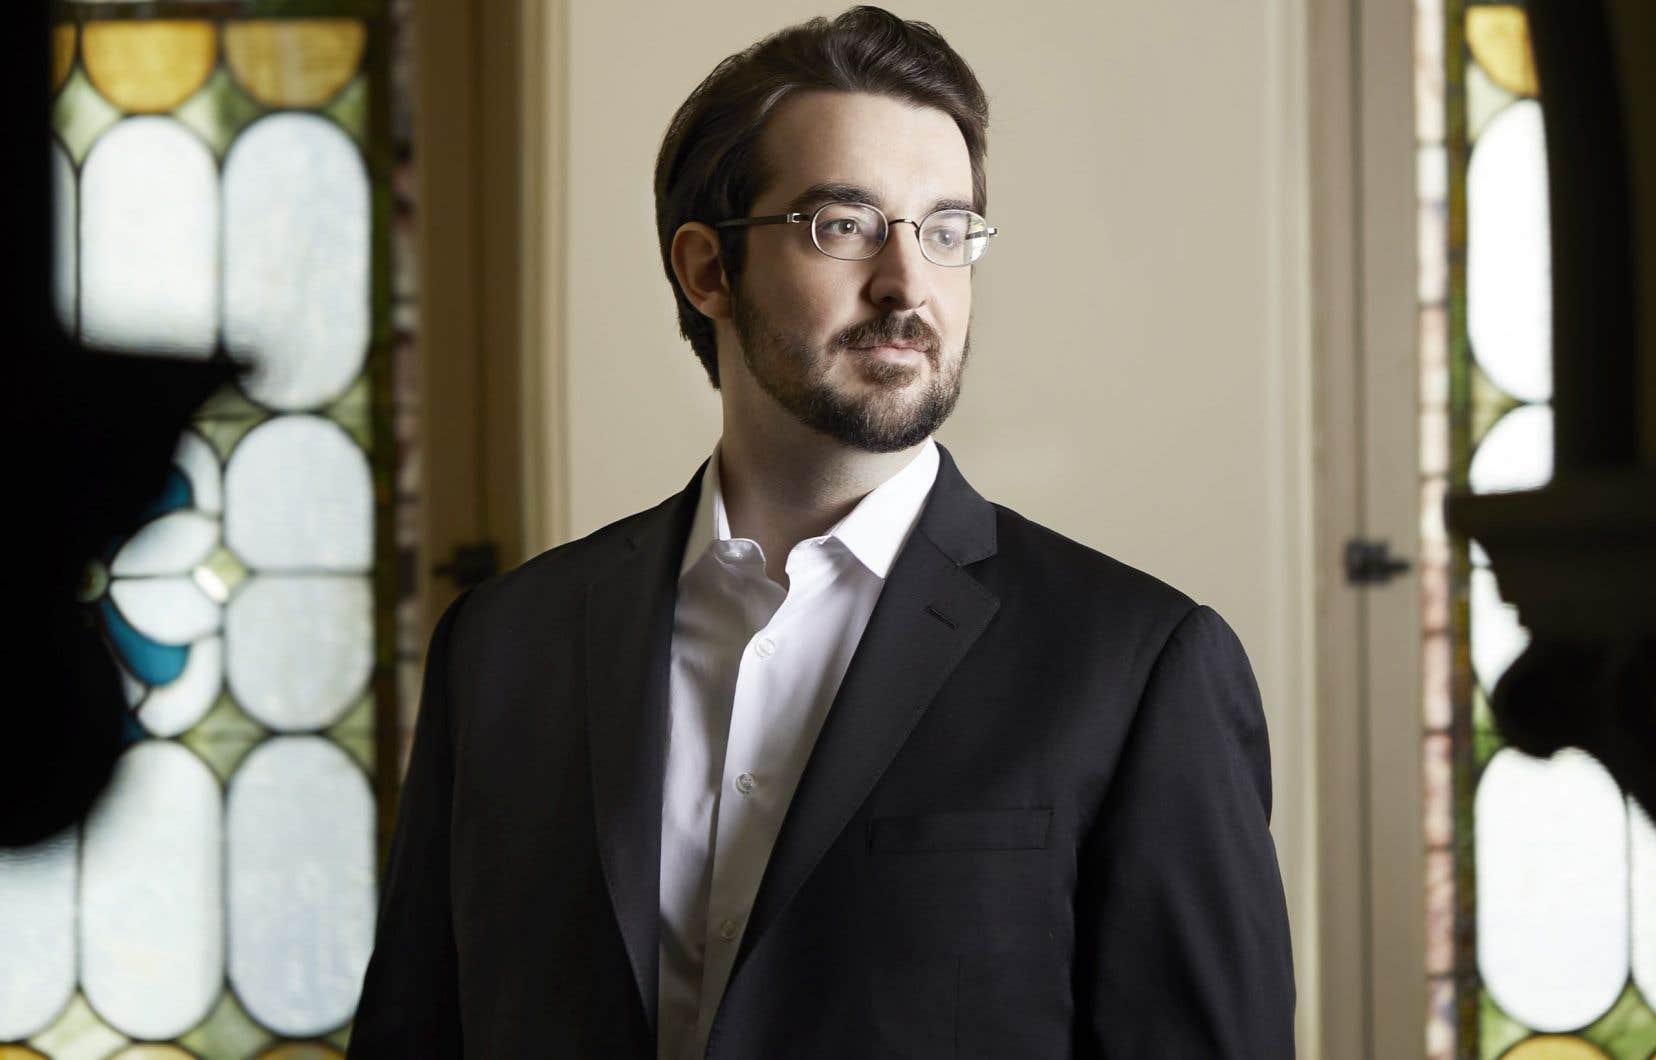 Le pianiste Charles Richard-Hamelin fait salle comble ces temps-ci à Montréal et la fin de semaine prochaine à Québec, alors même que le public semble, par ailleurs, plutôt prudent dans ses velléités de retour en salle